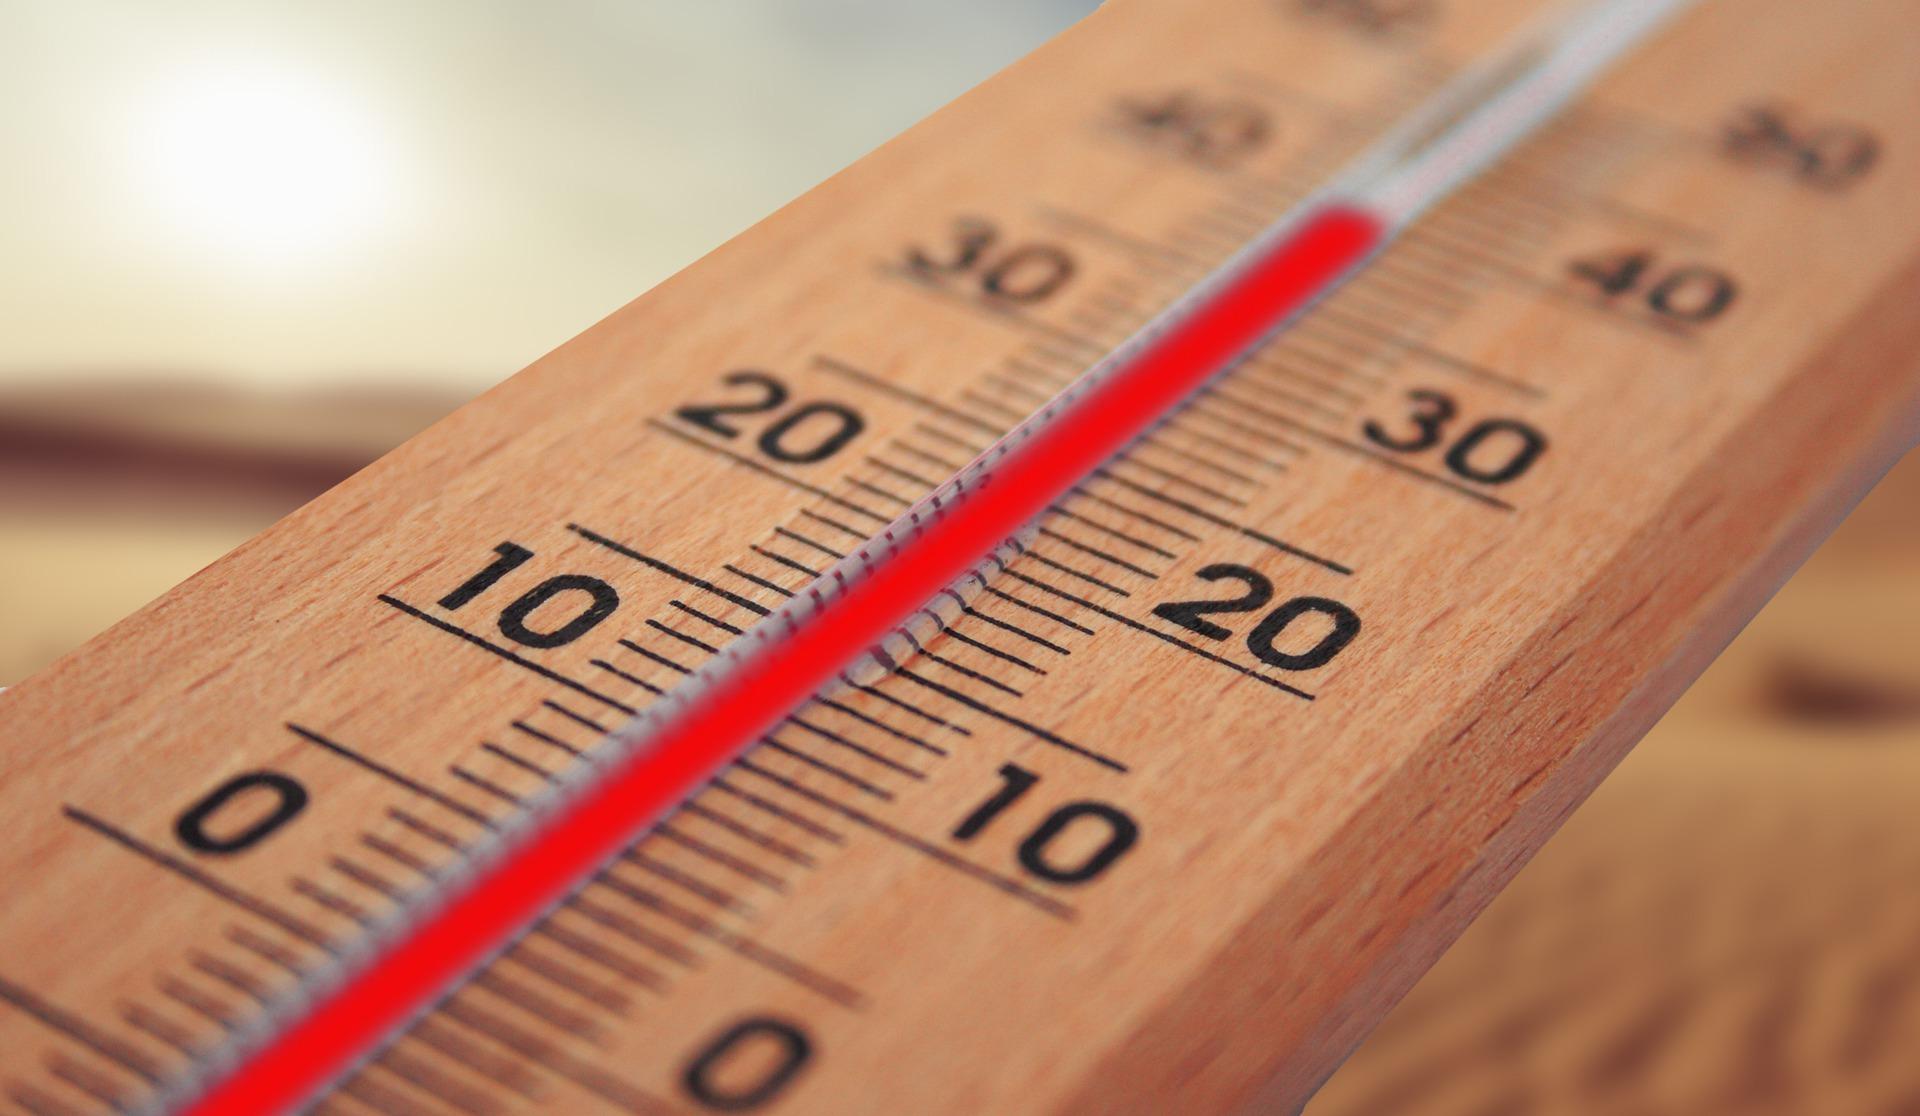 5/14は「温度計の日」 | ガブリエル・ファーレンハイトとは? 人生・功績・香水との関連は?